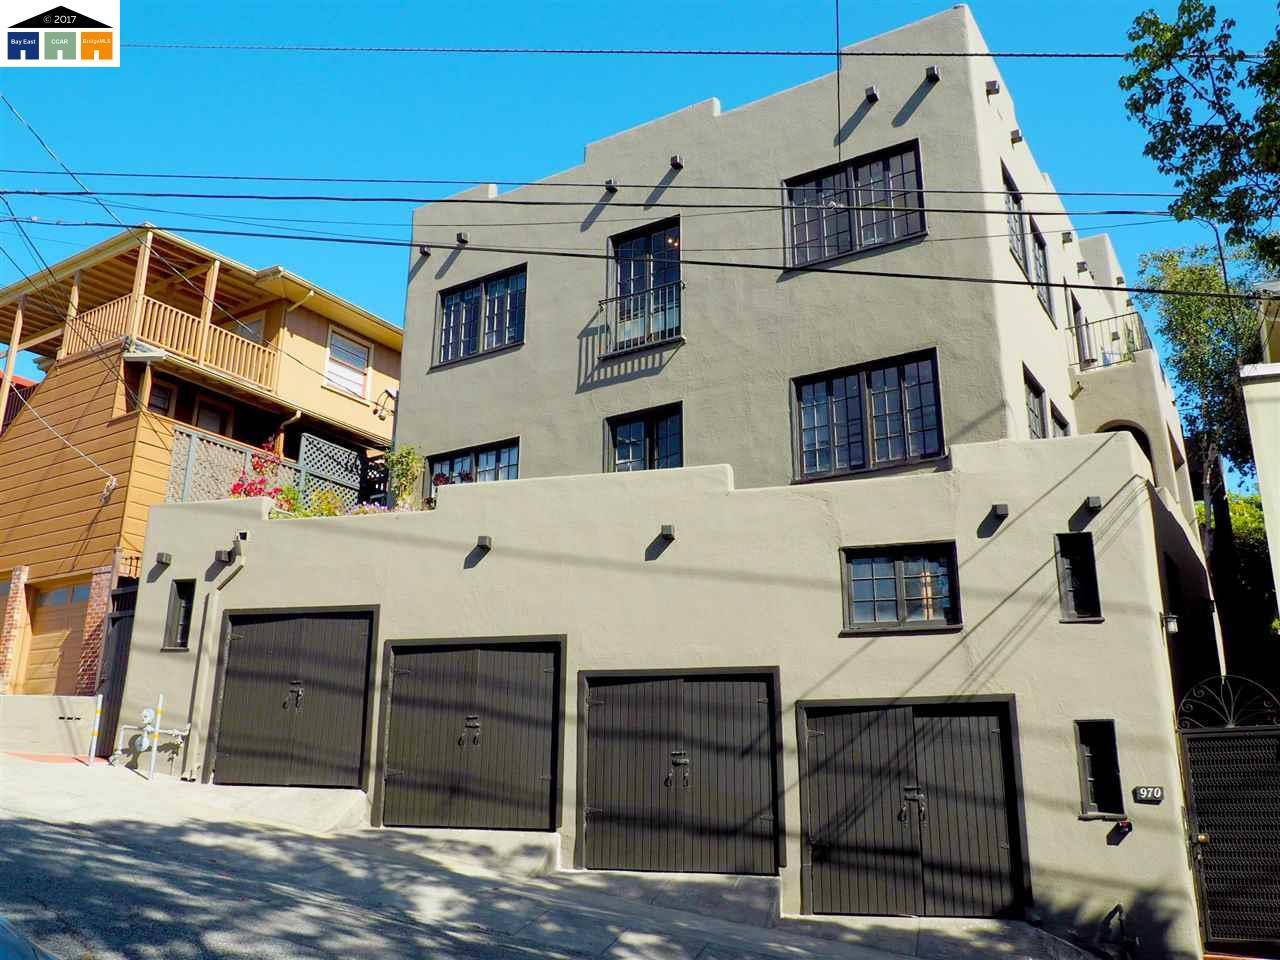 Casa Multifamiliar por un Venta en 970 Vermont Street Oakland, California 94610 Estados Unidos